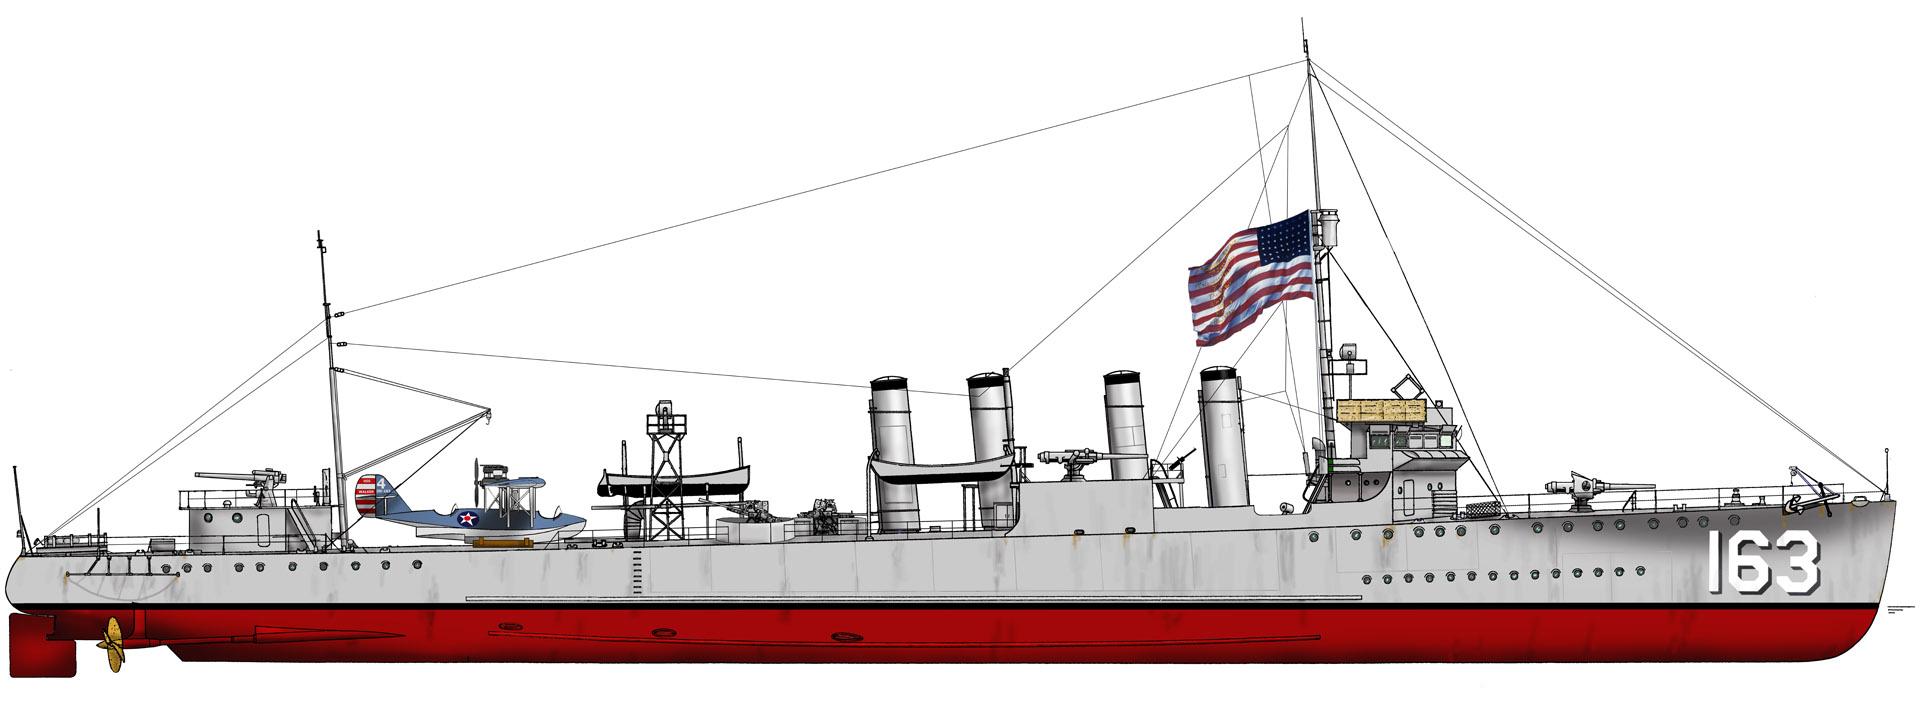 Grand Alliance Navy | Destroyermen Wiki | FANDOM powered ...